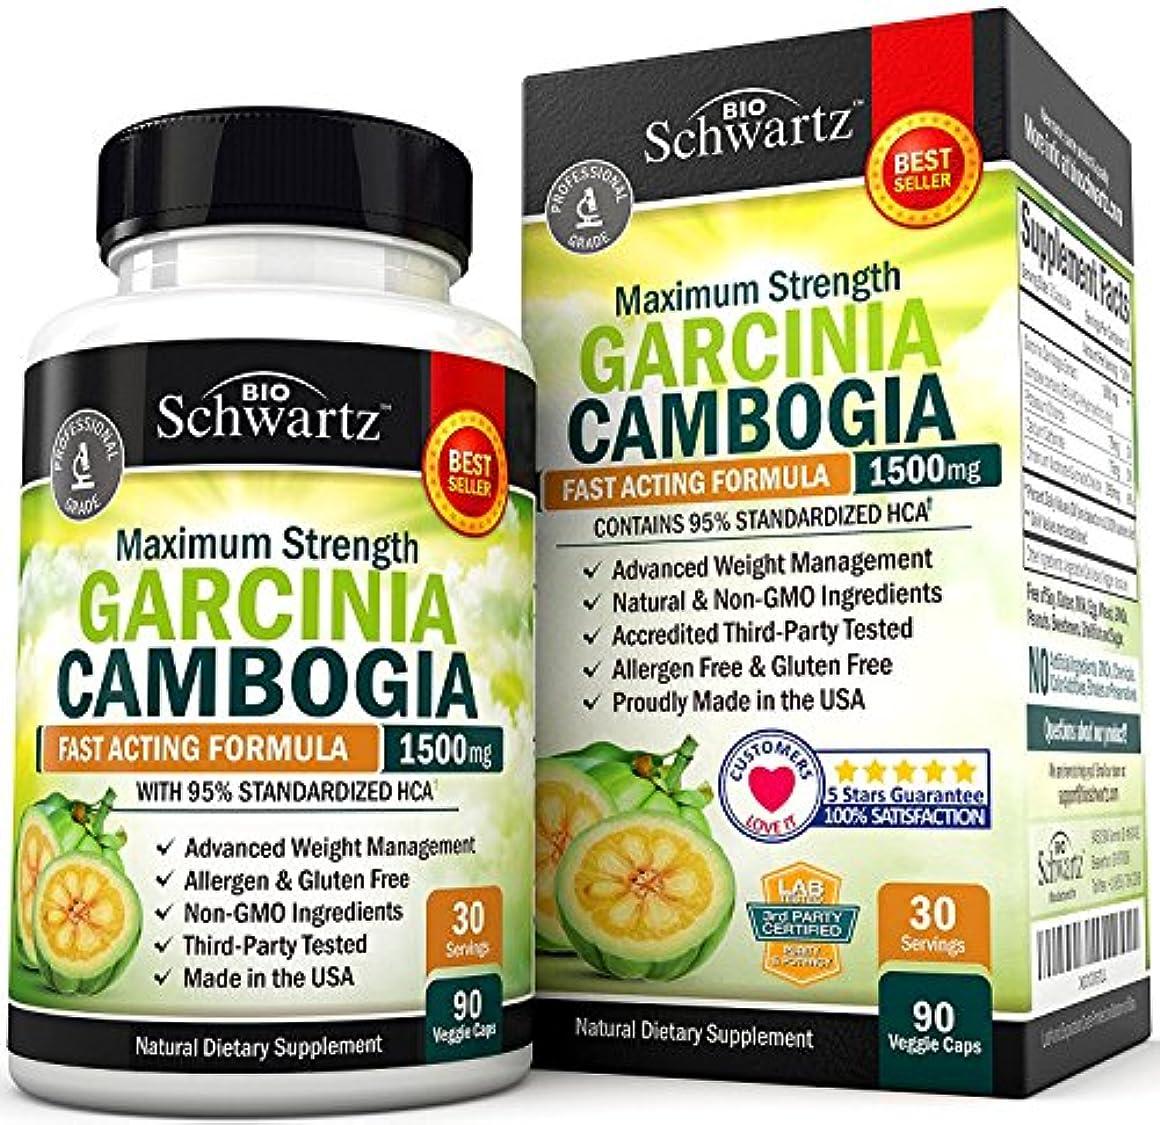 シロナガスクジラ意識的バトルBioSchwartz ガルシニア カンボジア Garcinia Cambogia 95% HCA 1500mg 90粒